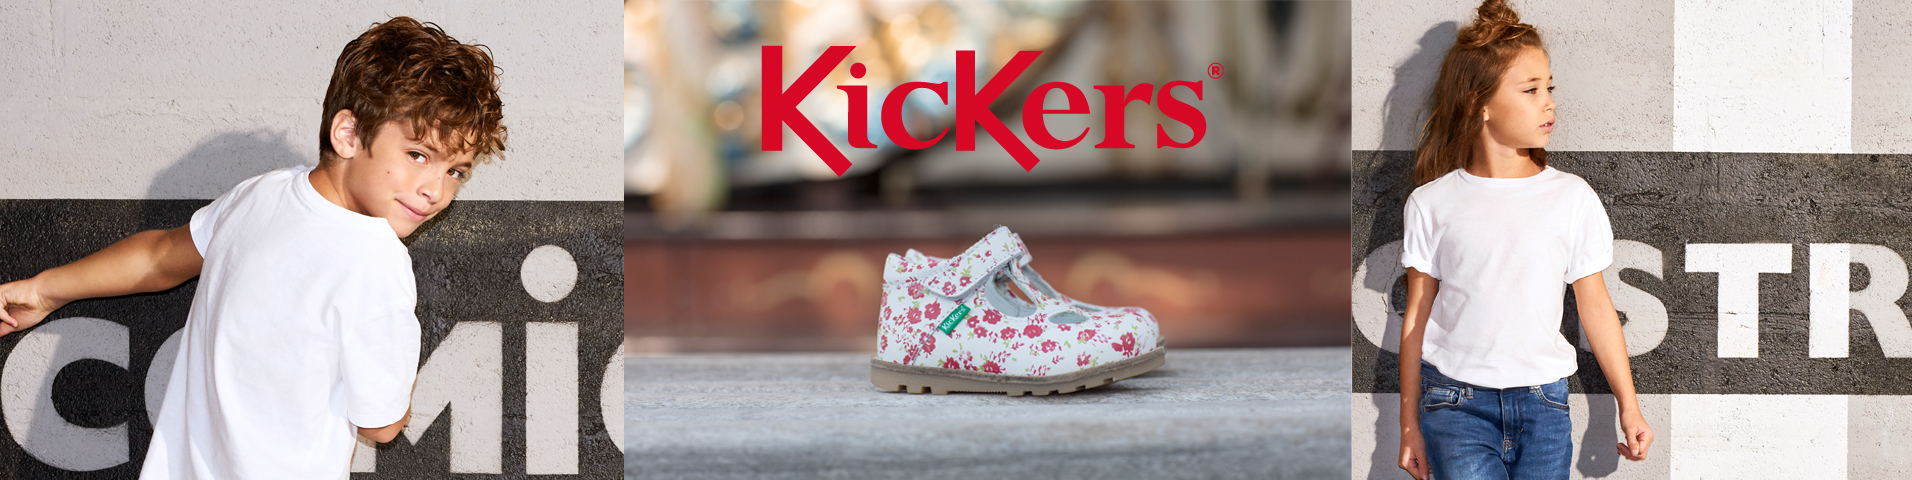 e2a1005eca37f Chaussures enfant Kickers en ligne sur la boutique Zalando